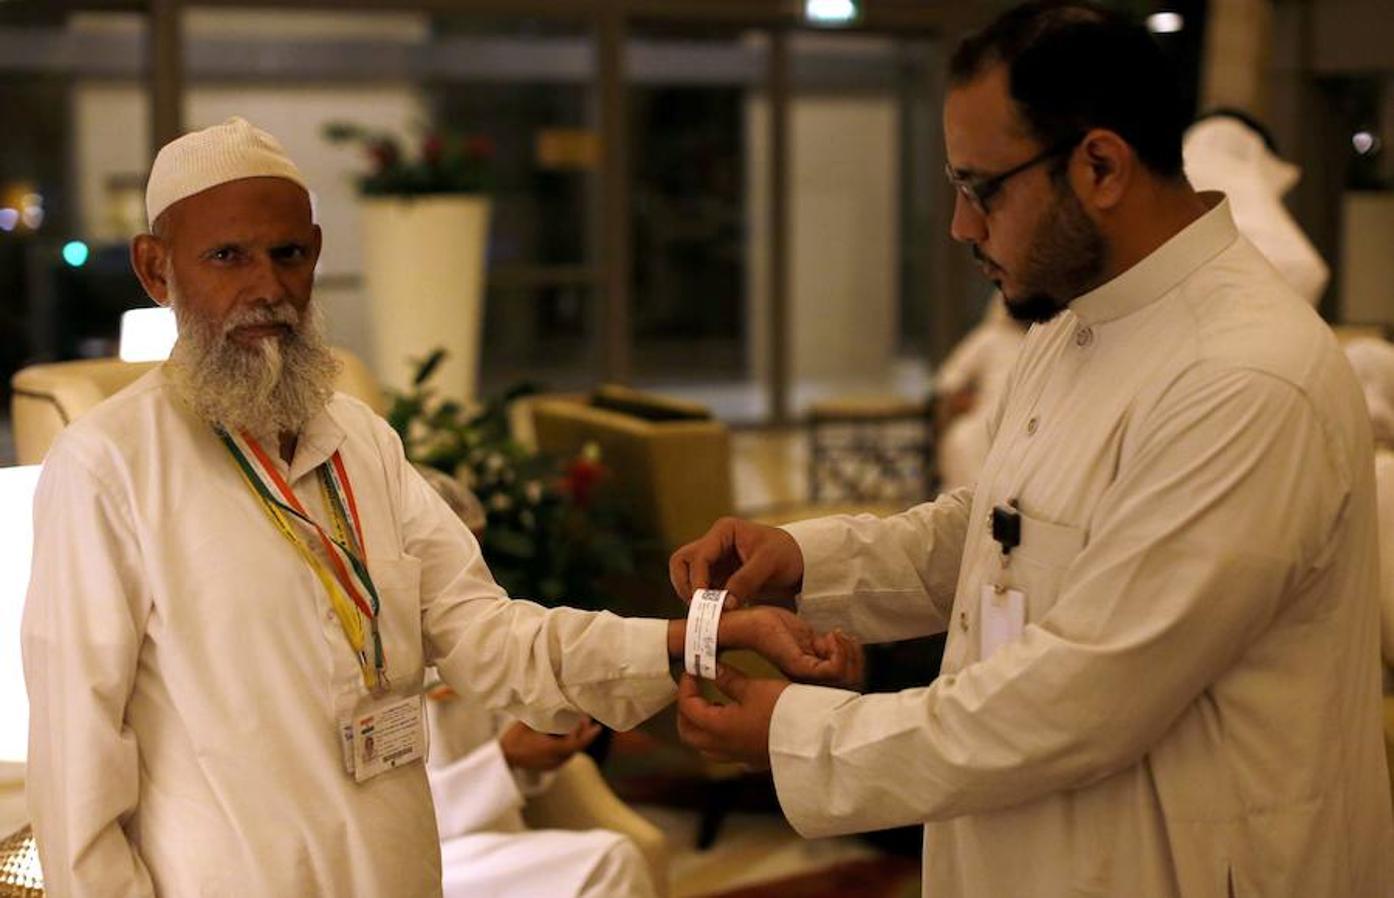 Un funcionario saudí ajusta un brazalete de identificación electrónica que las autoridades están dando a los peregrinos durante la peregrinación anual «Hajj» musulmana en la ciudad santa de La Meca